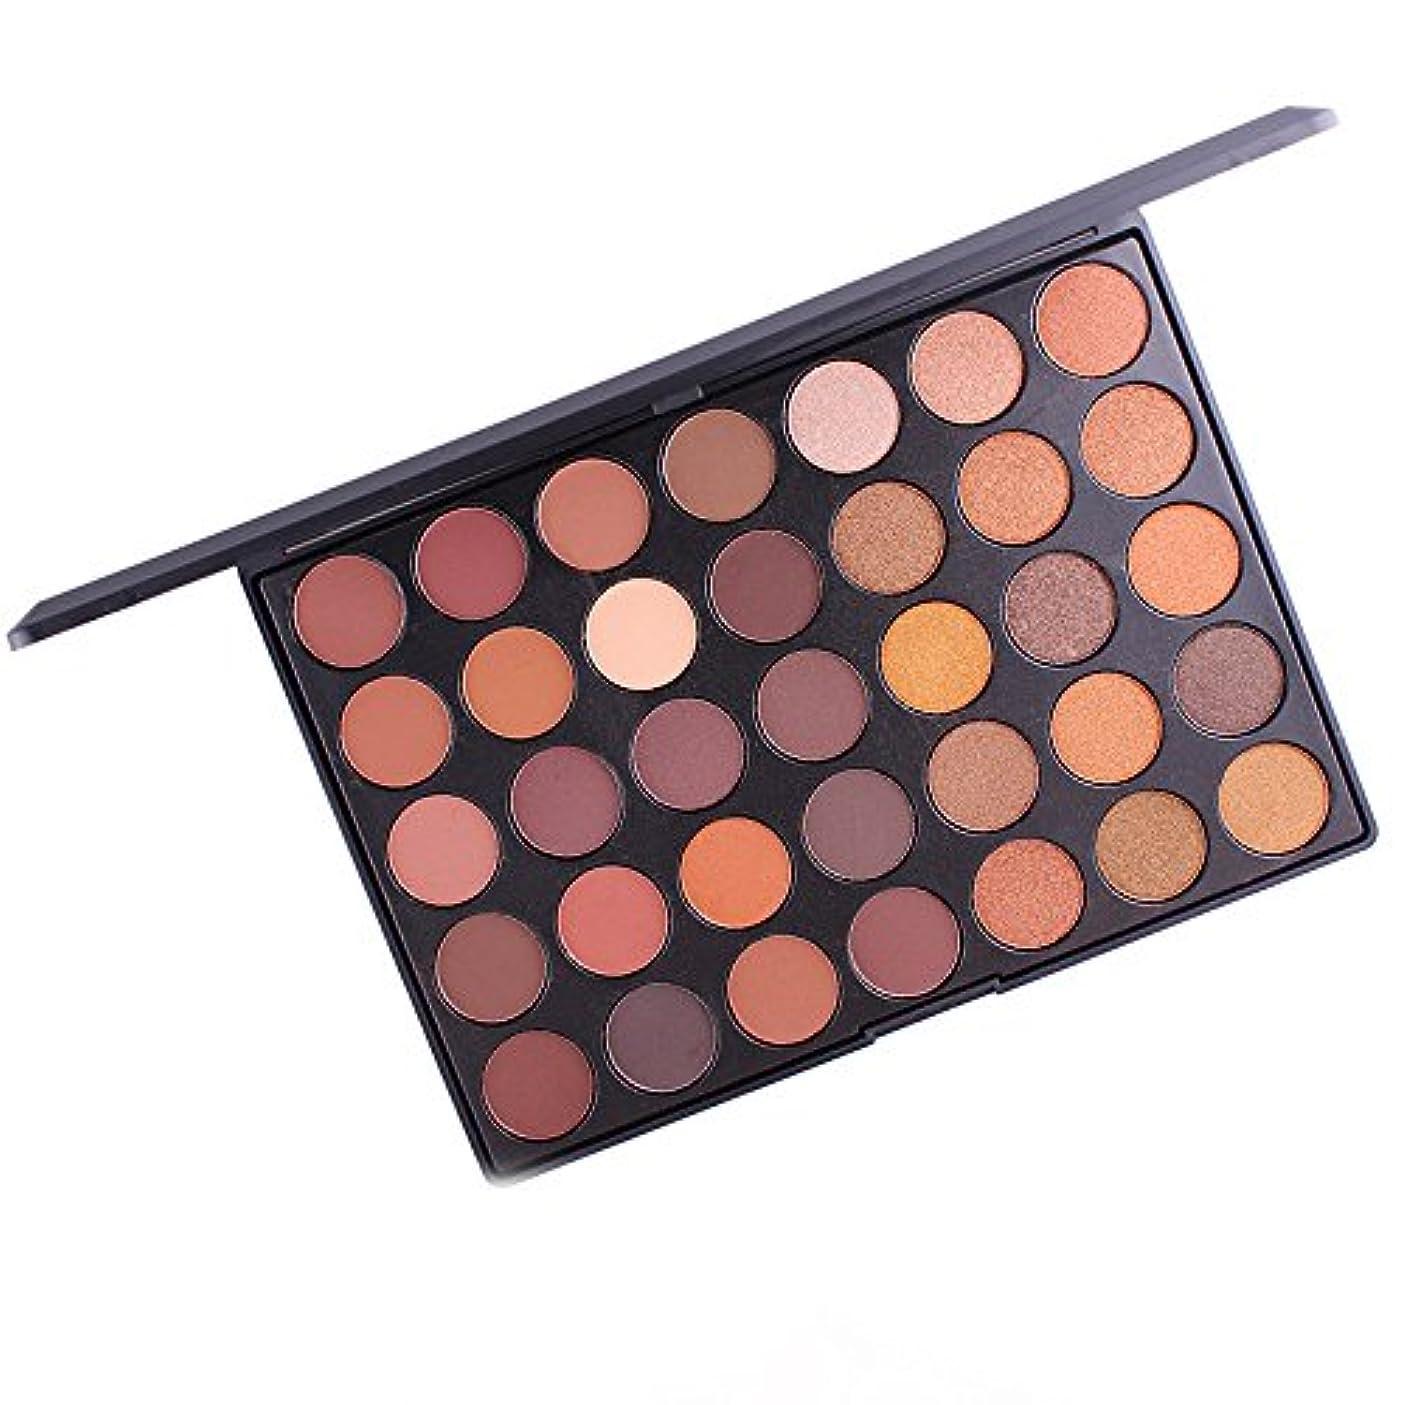 かまどおもちゃ耐えられるAkane アイシャドウパレット MISS ROSE ファッション マット 綺麗 自然 防水 真珠光沢 つや消し 優雅な 人気 美しい 高級 持ち便利 日常 Eye Shadow (35色) 7001-081